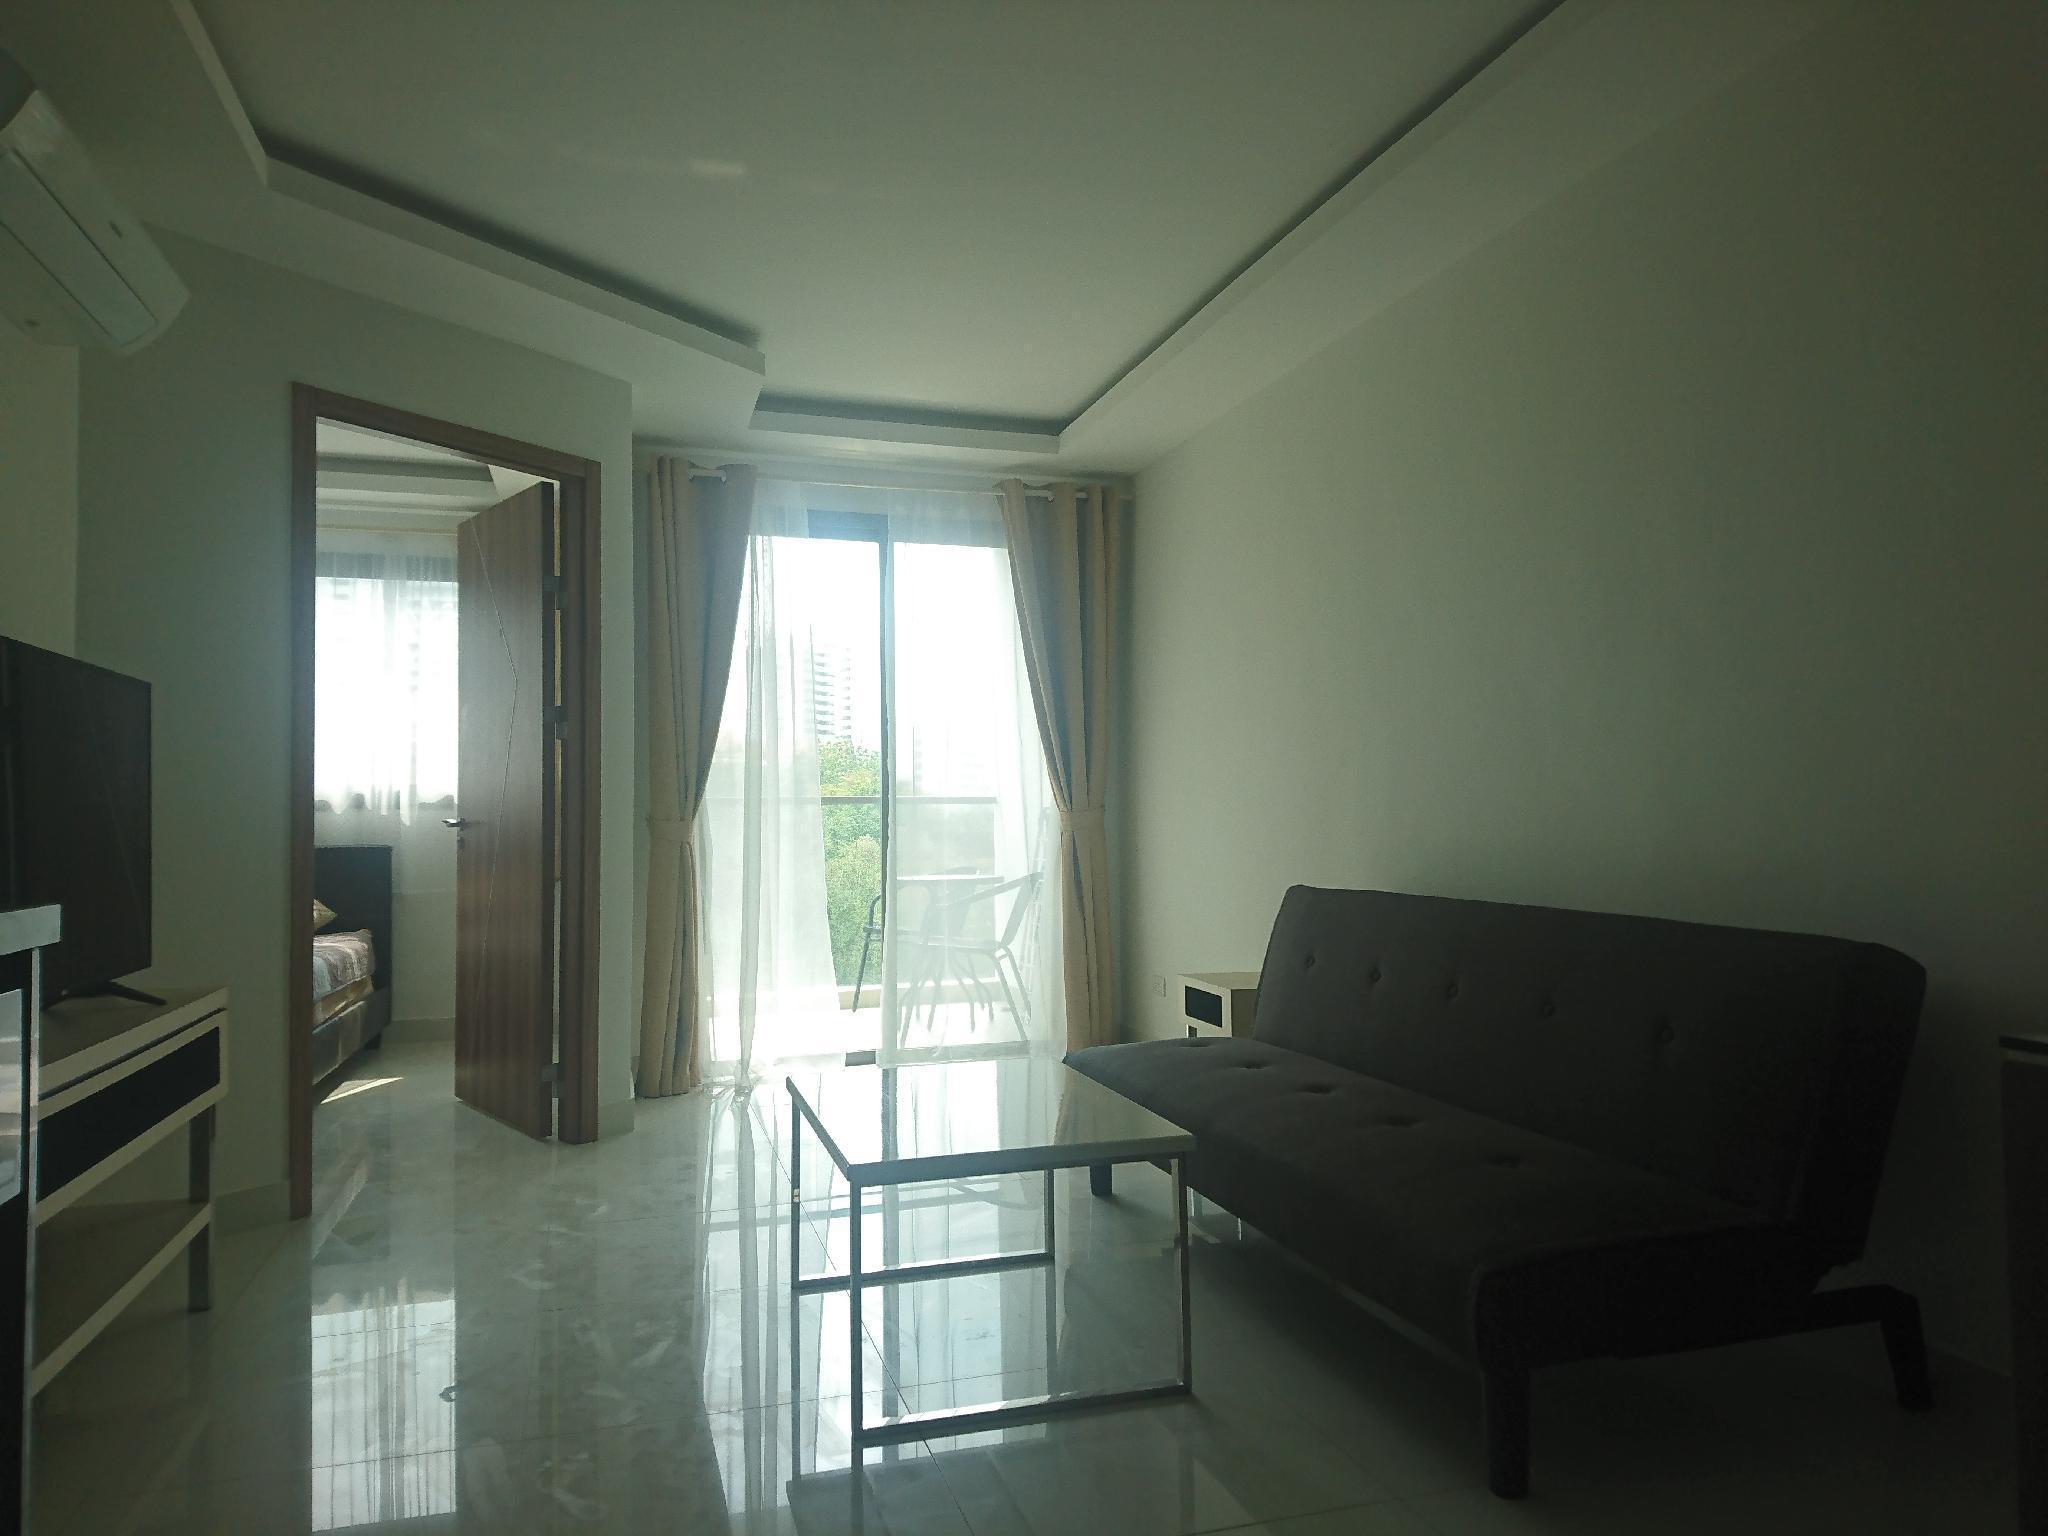 Delight 1 bedroom with pool view อพาร์ตเมนต์ 1 ห้องนอน 1 ห้องน้ำส่วนตัว ขนาด 39 ตร.ม. – นาเกลือ/บางละมุง